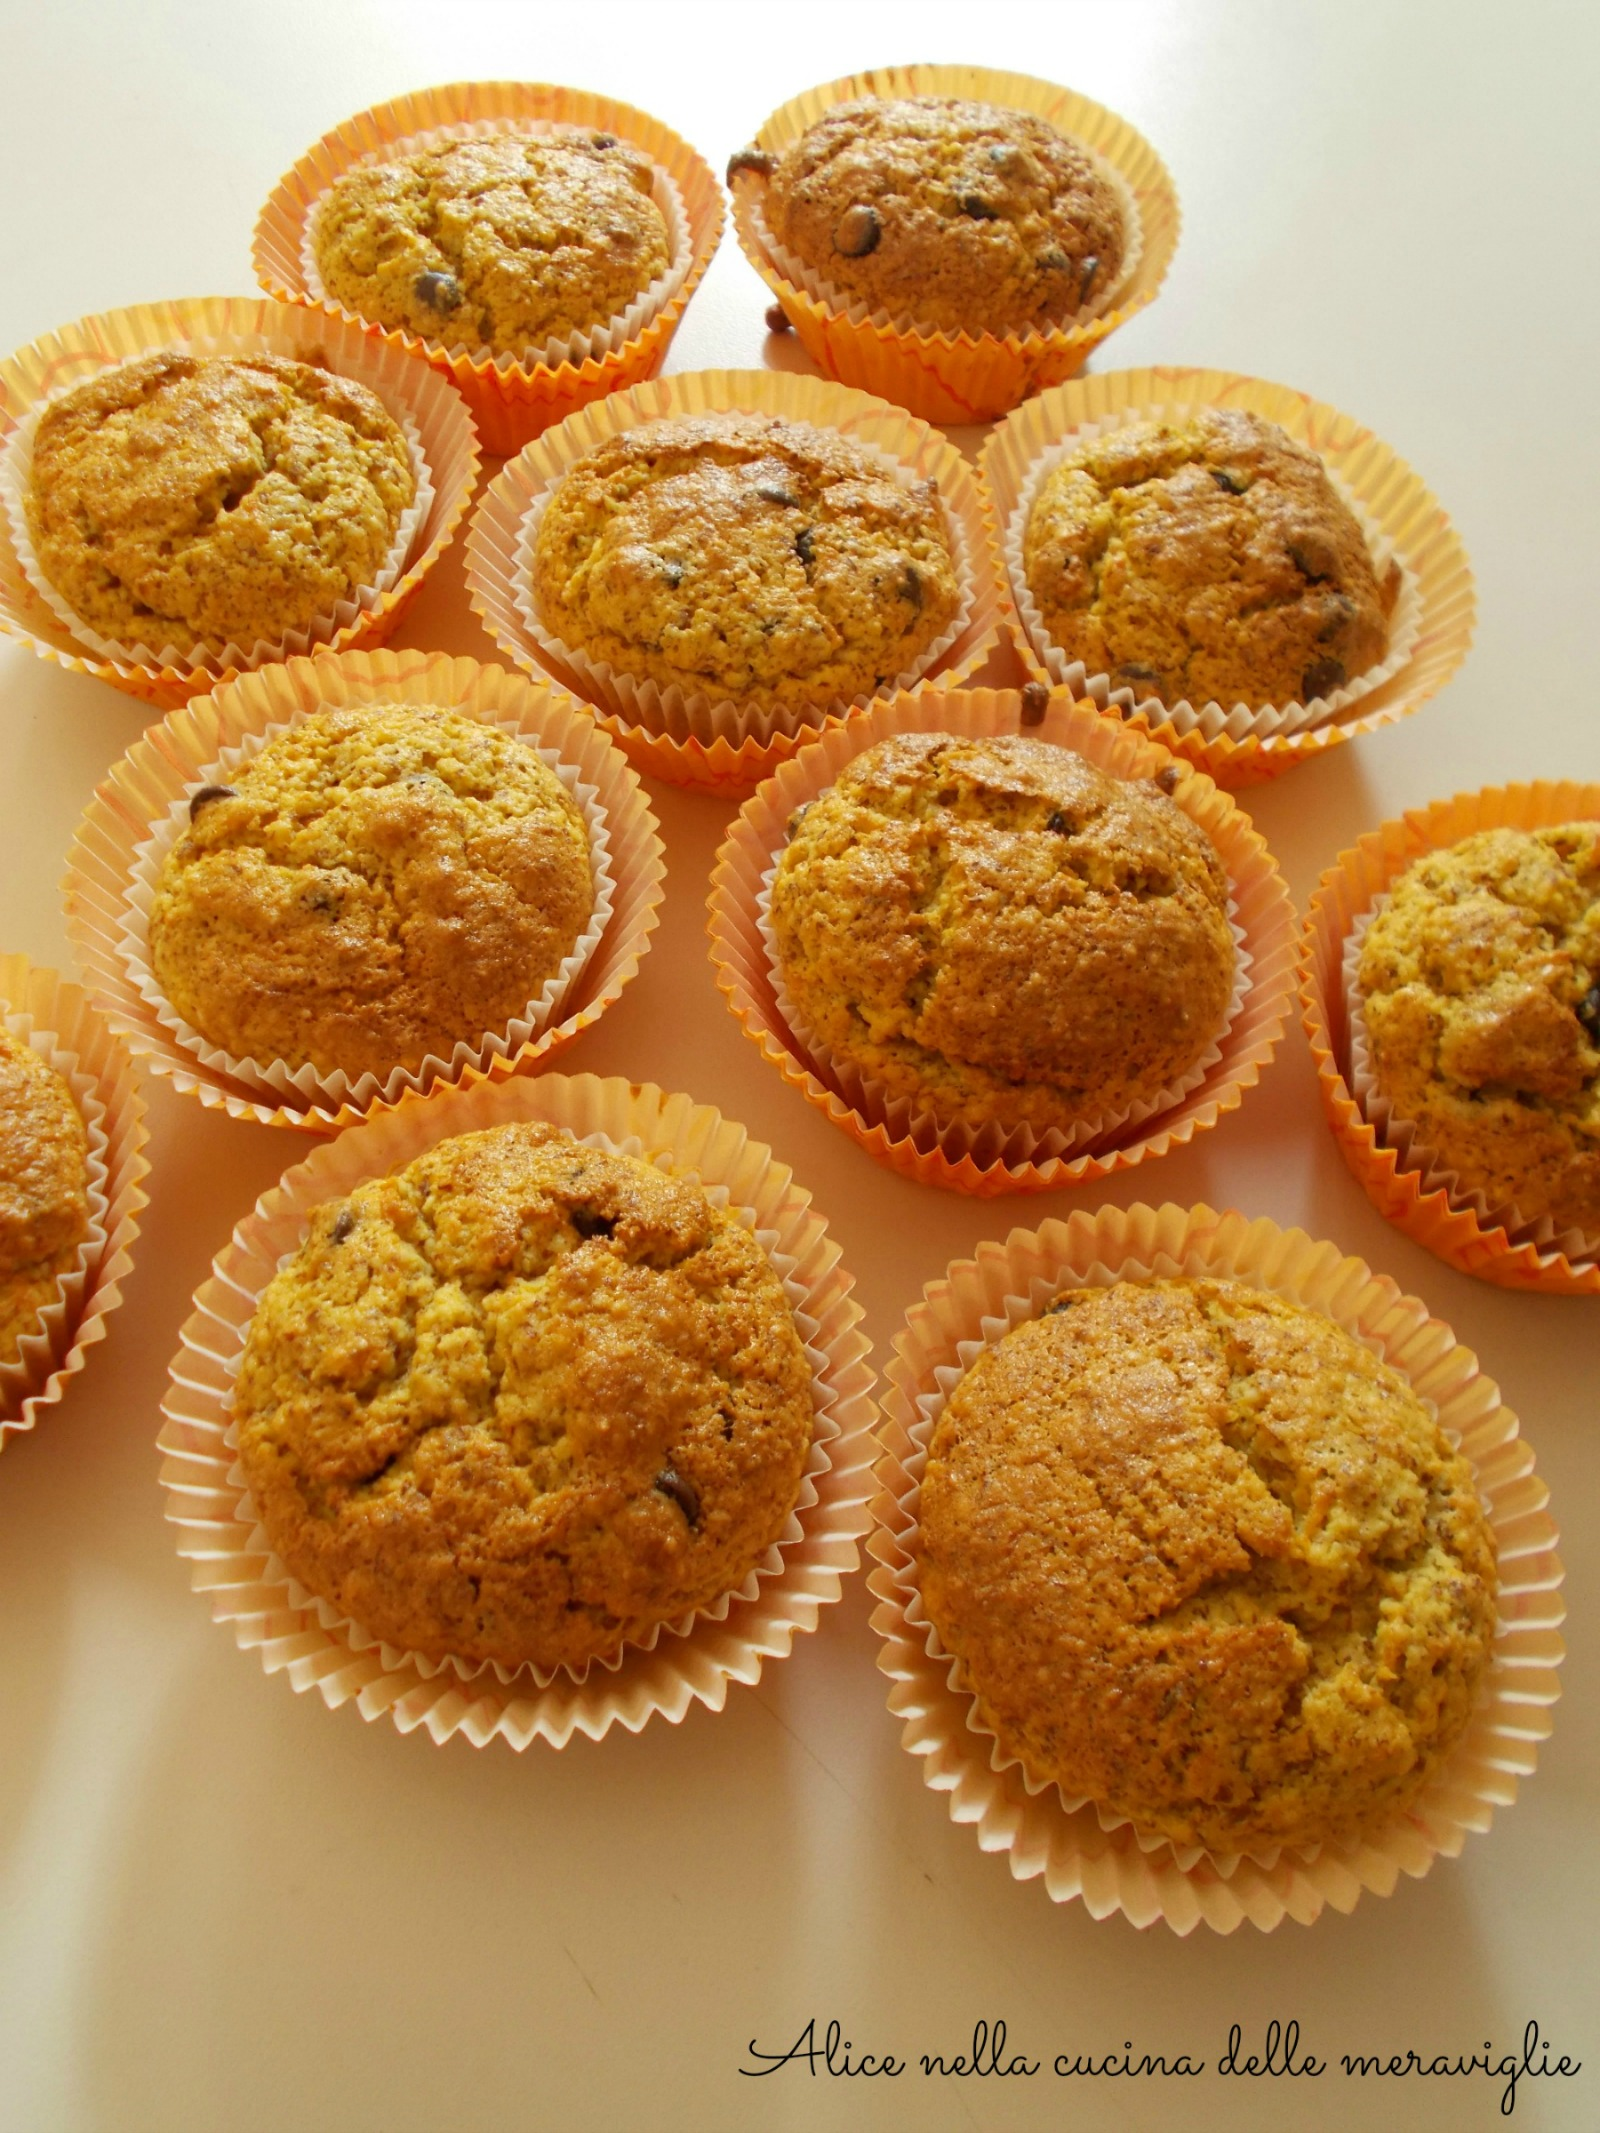 Carrot Almond Muffins With Chocolate Drops Alice nella cucina delle meraviglie